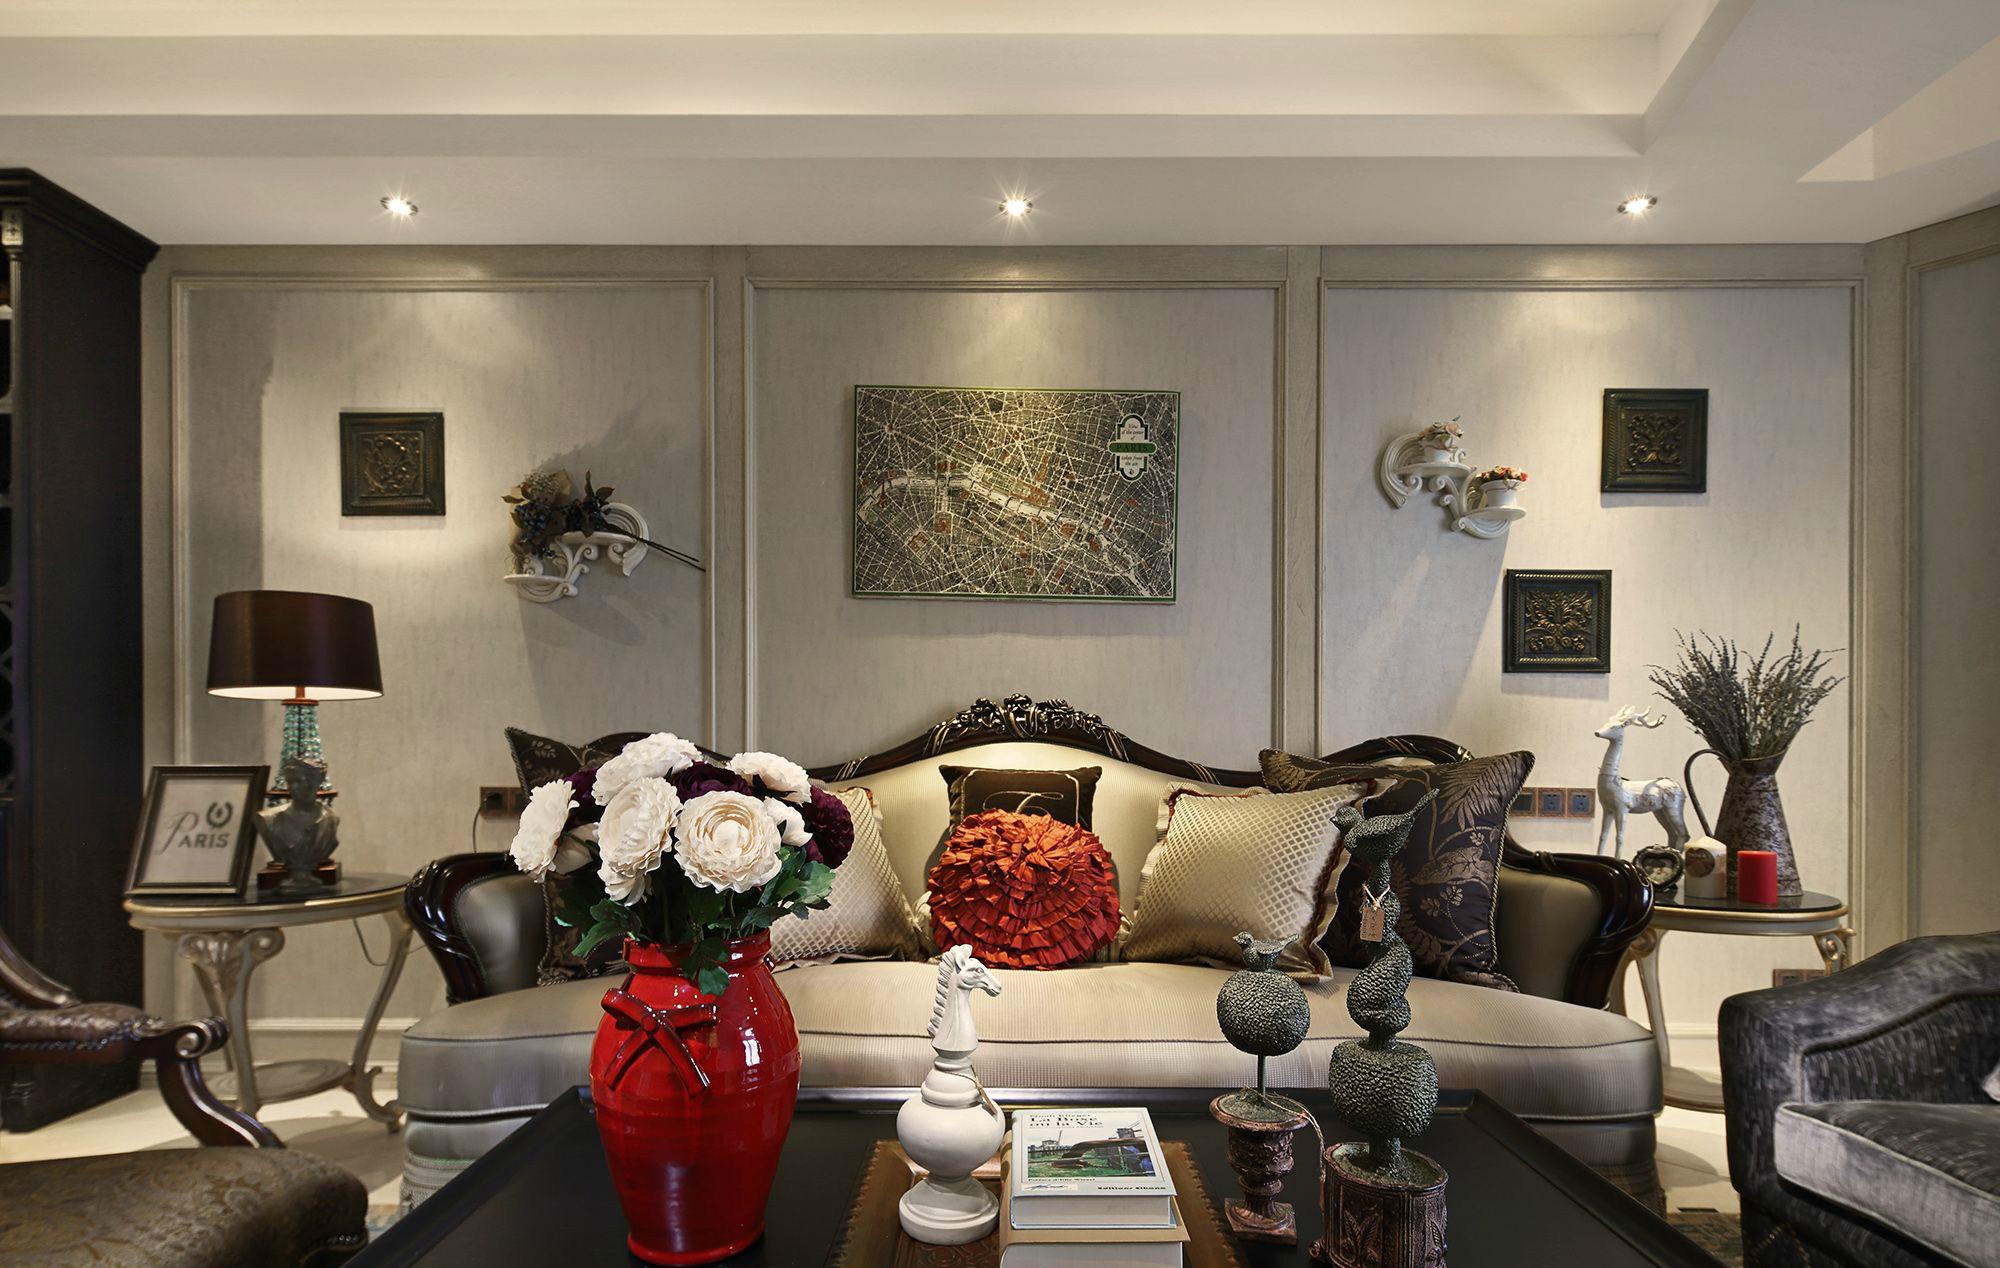 屋子陈设的艺术品比较多,有着浓浓的艺术感。